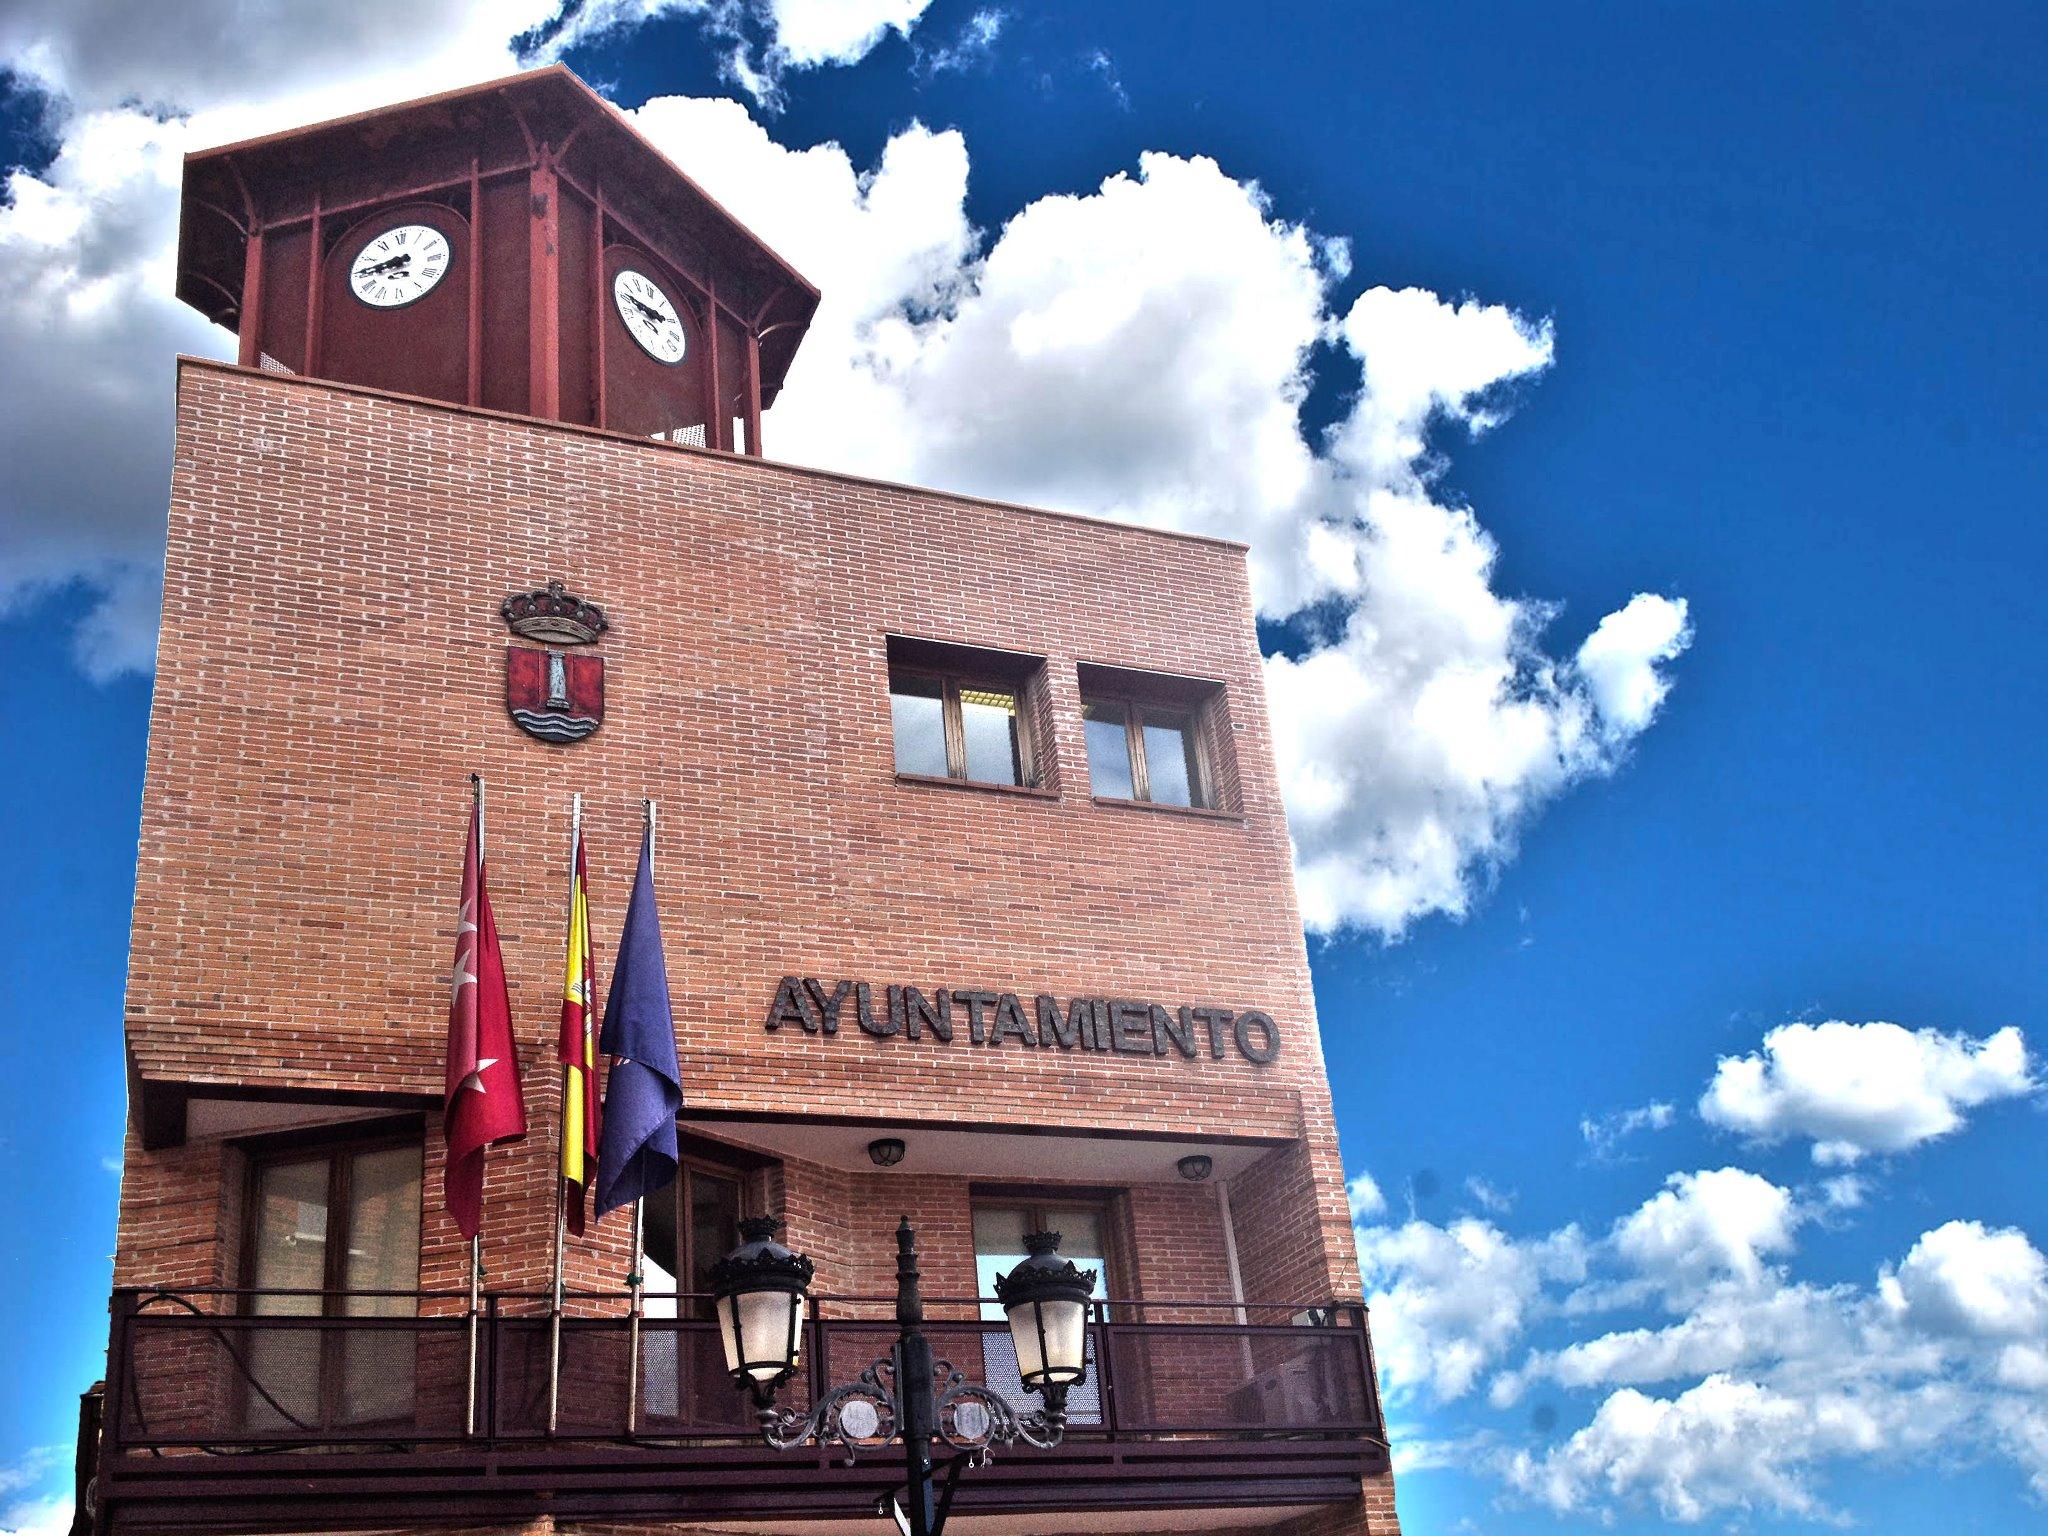 El próximo miércoles, 19 de junio, Pleno Extraordinario del Ayuntamiento de Humanes de Madrid